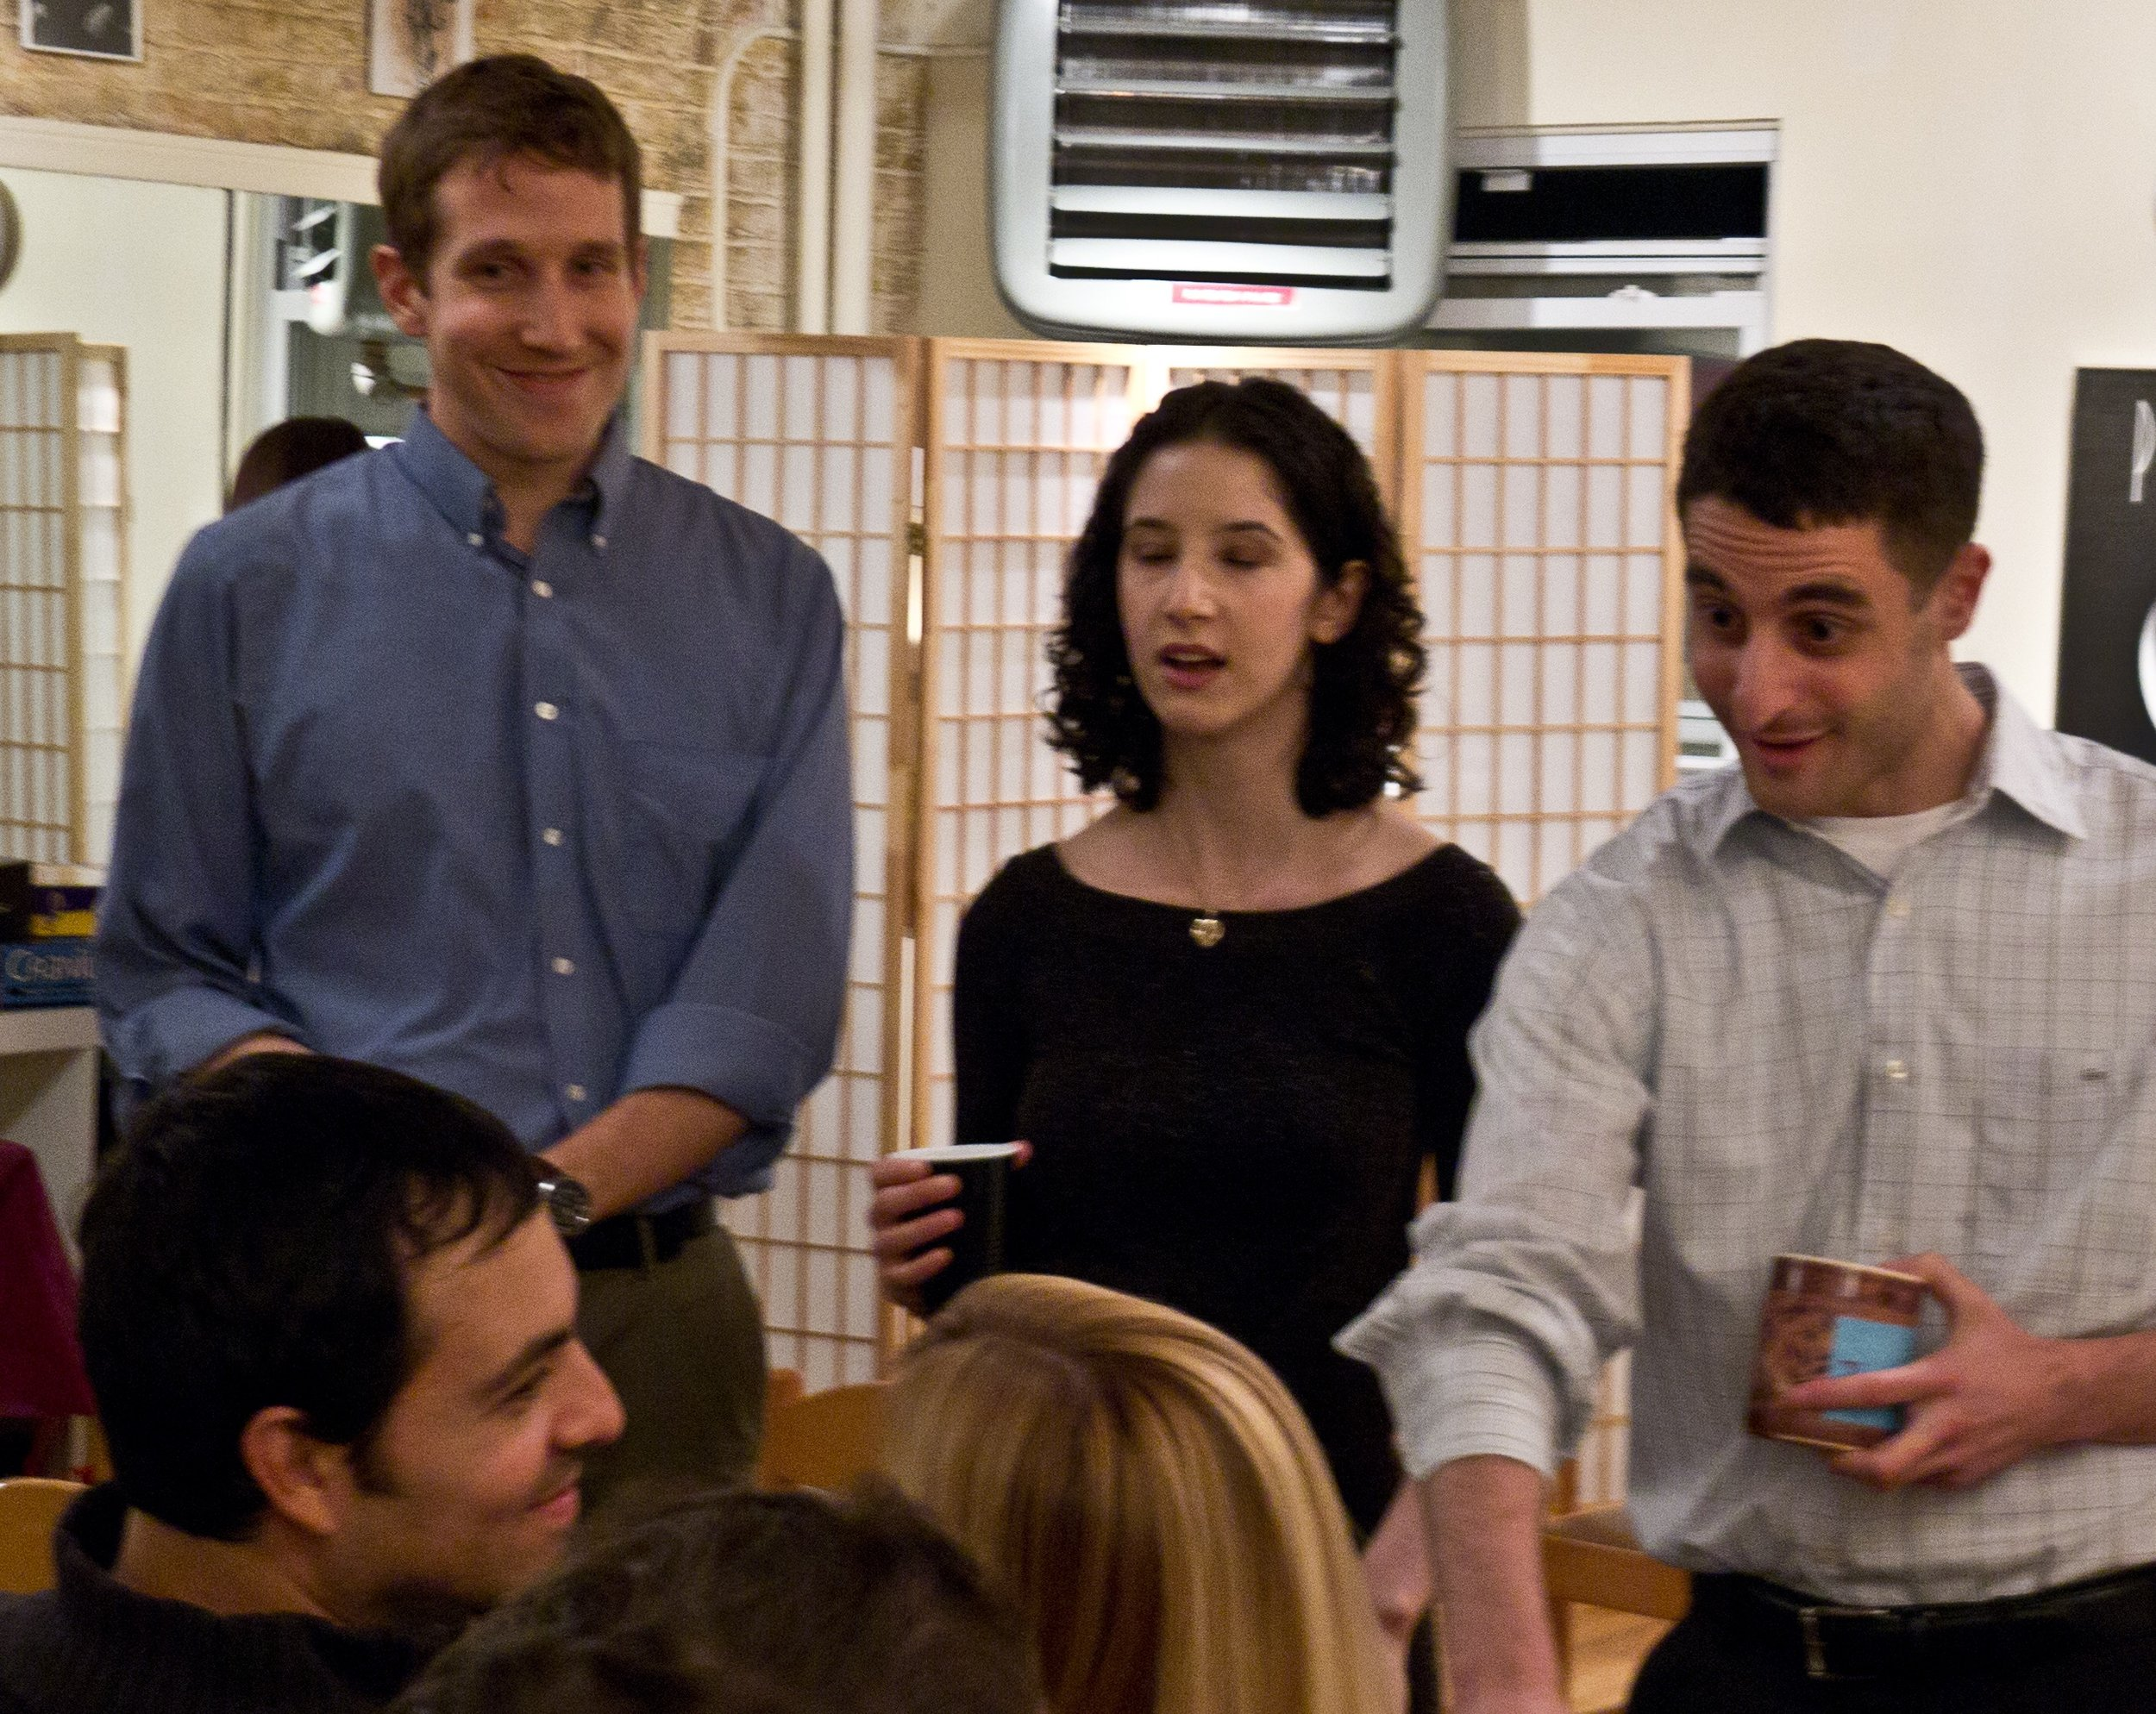 Dan Cayer, Carly Green, Jeff Glazer.jpg